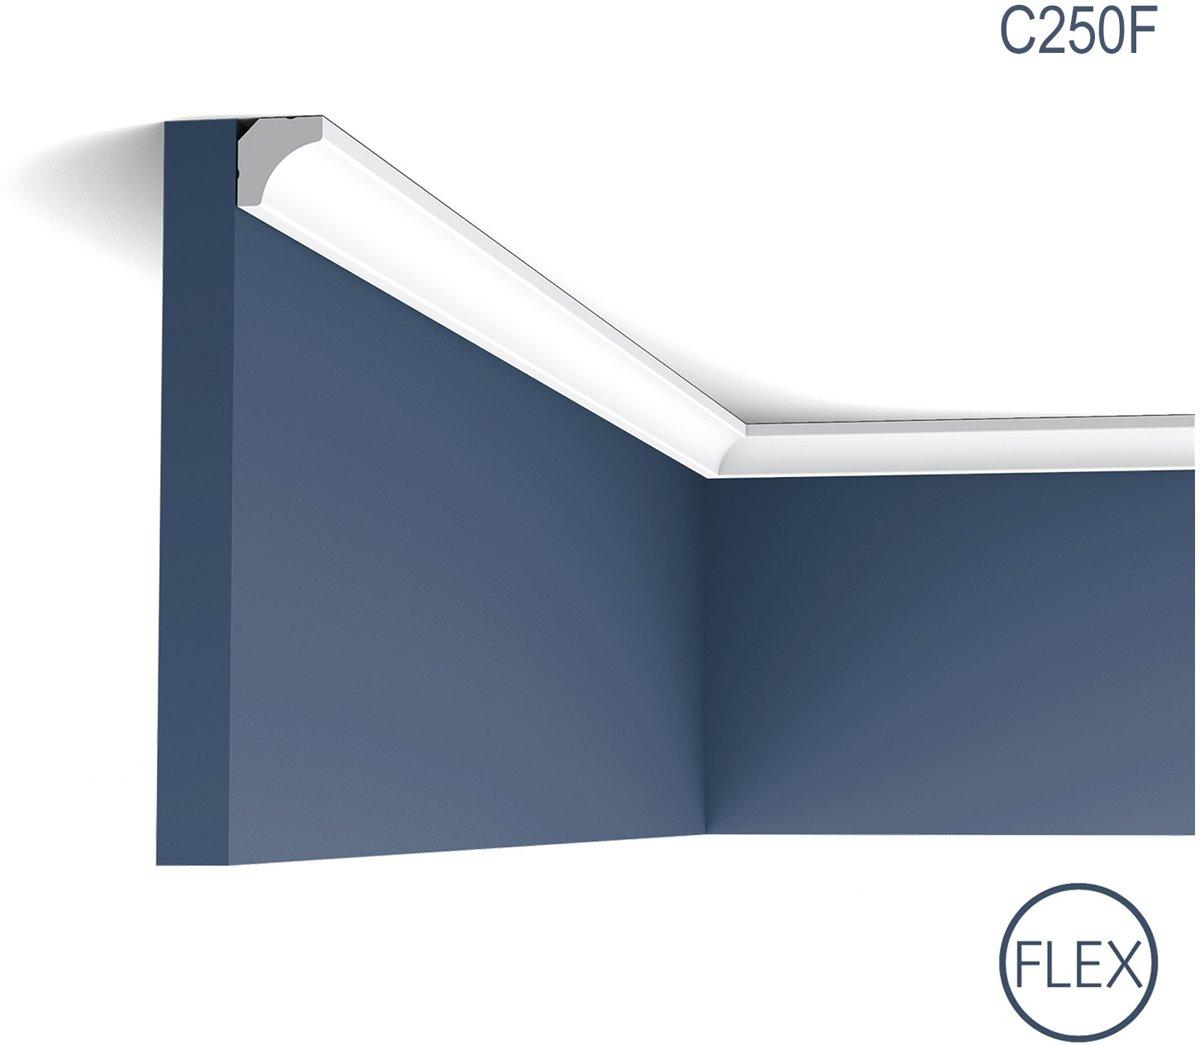 Kroonlijst flexibel Origineel Orac Decor C250F LUXXUS Plafondlijst Sierlijst flexibel 2 m kopen